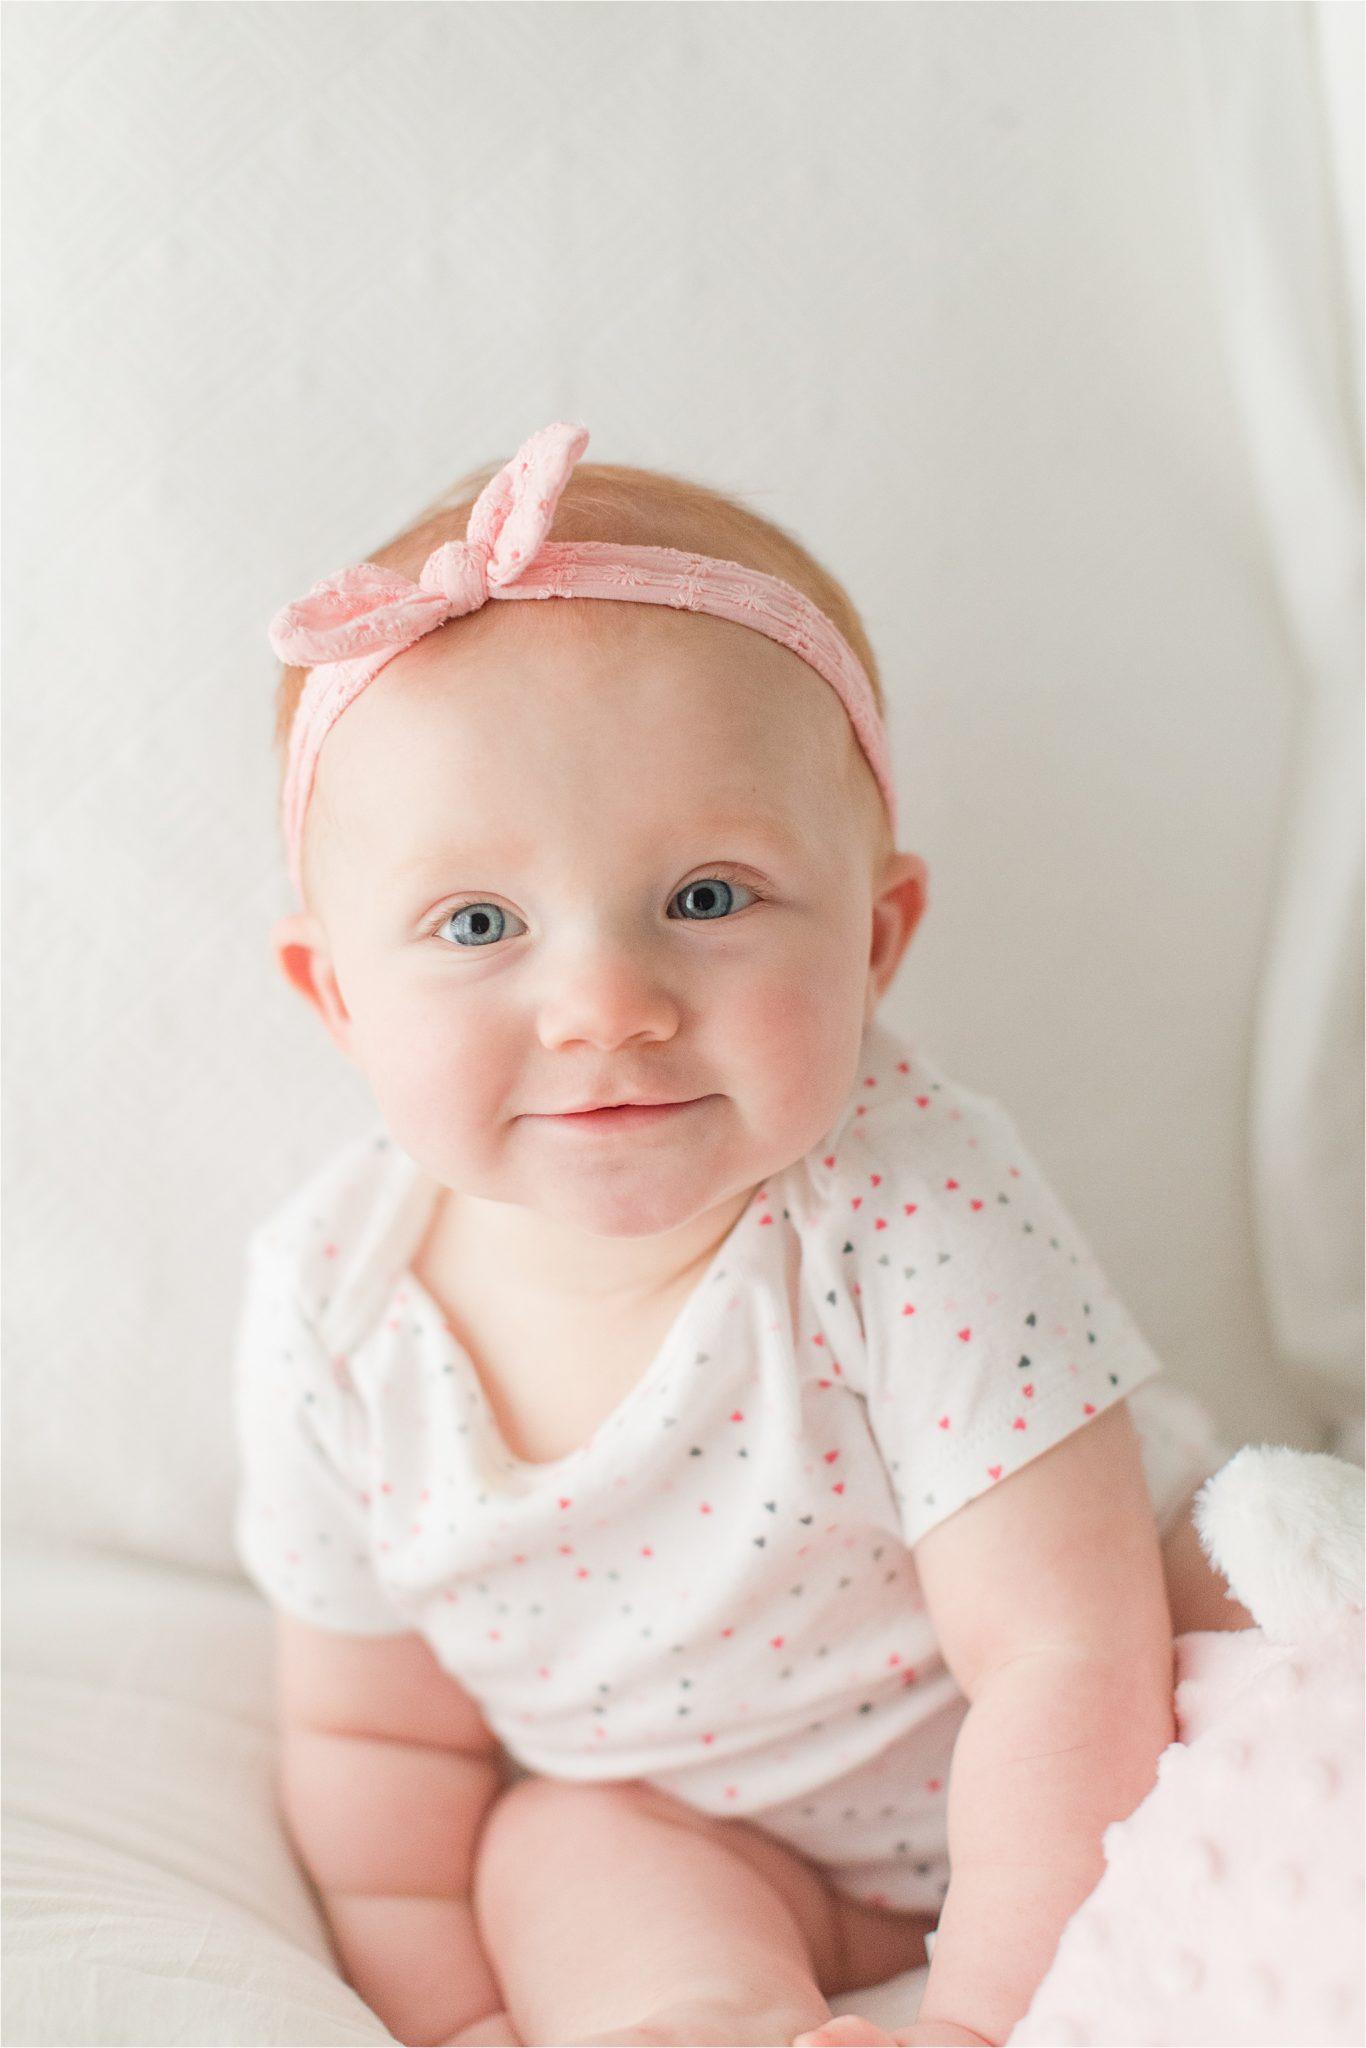 alabama-lifestyle-portrait-photographer-baby-photography-family